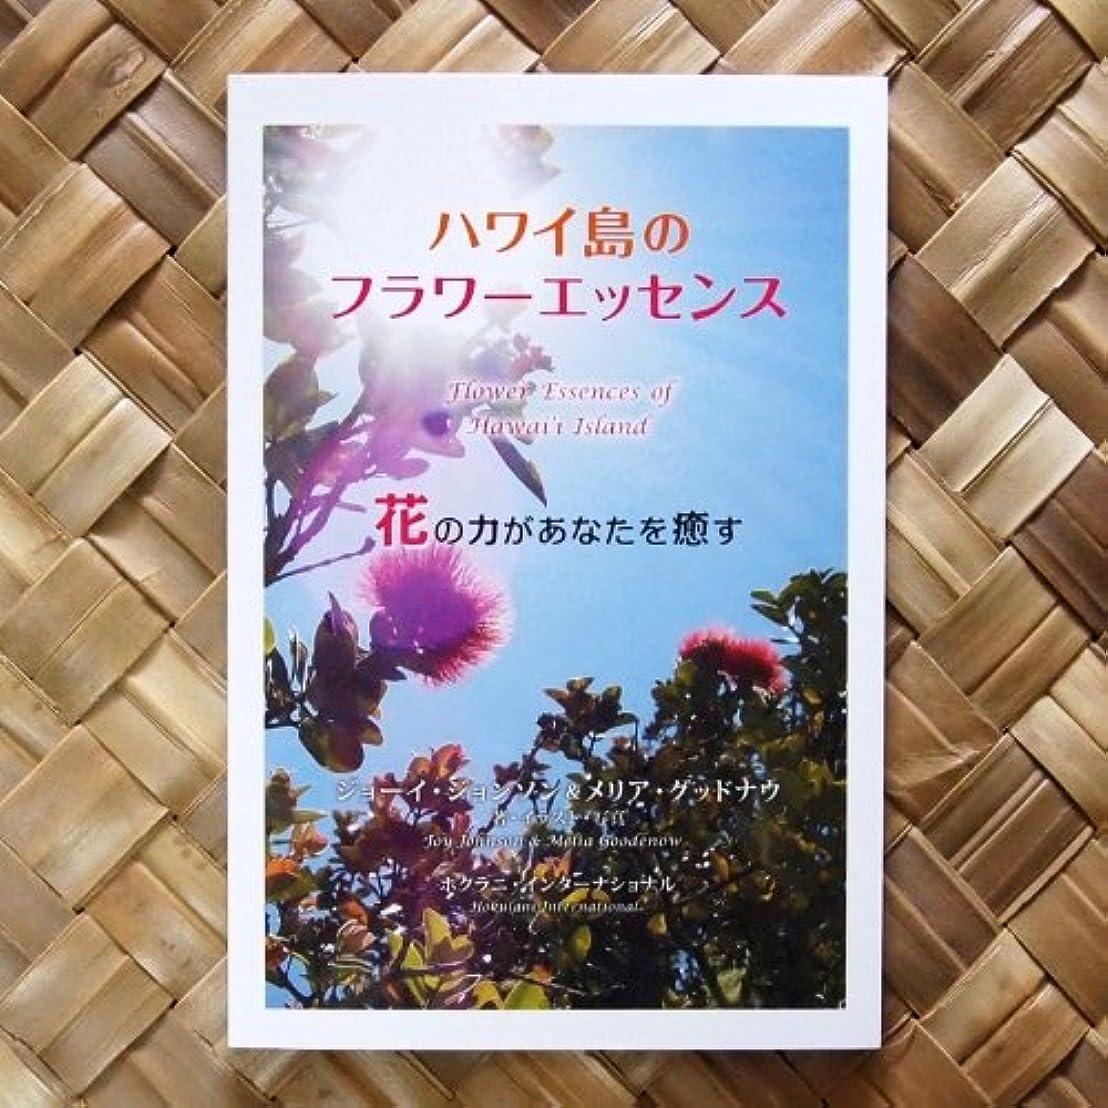 市区町村上向きメイトハワイ島のフラワーエッセンス 花の力があなたを癒す